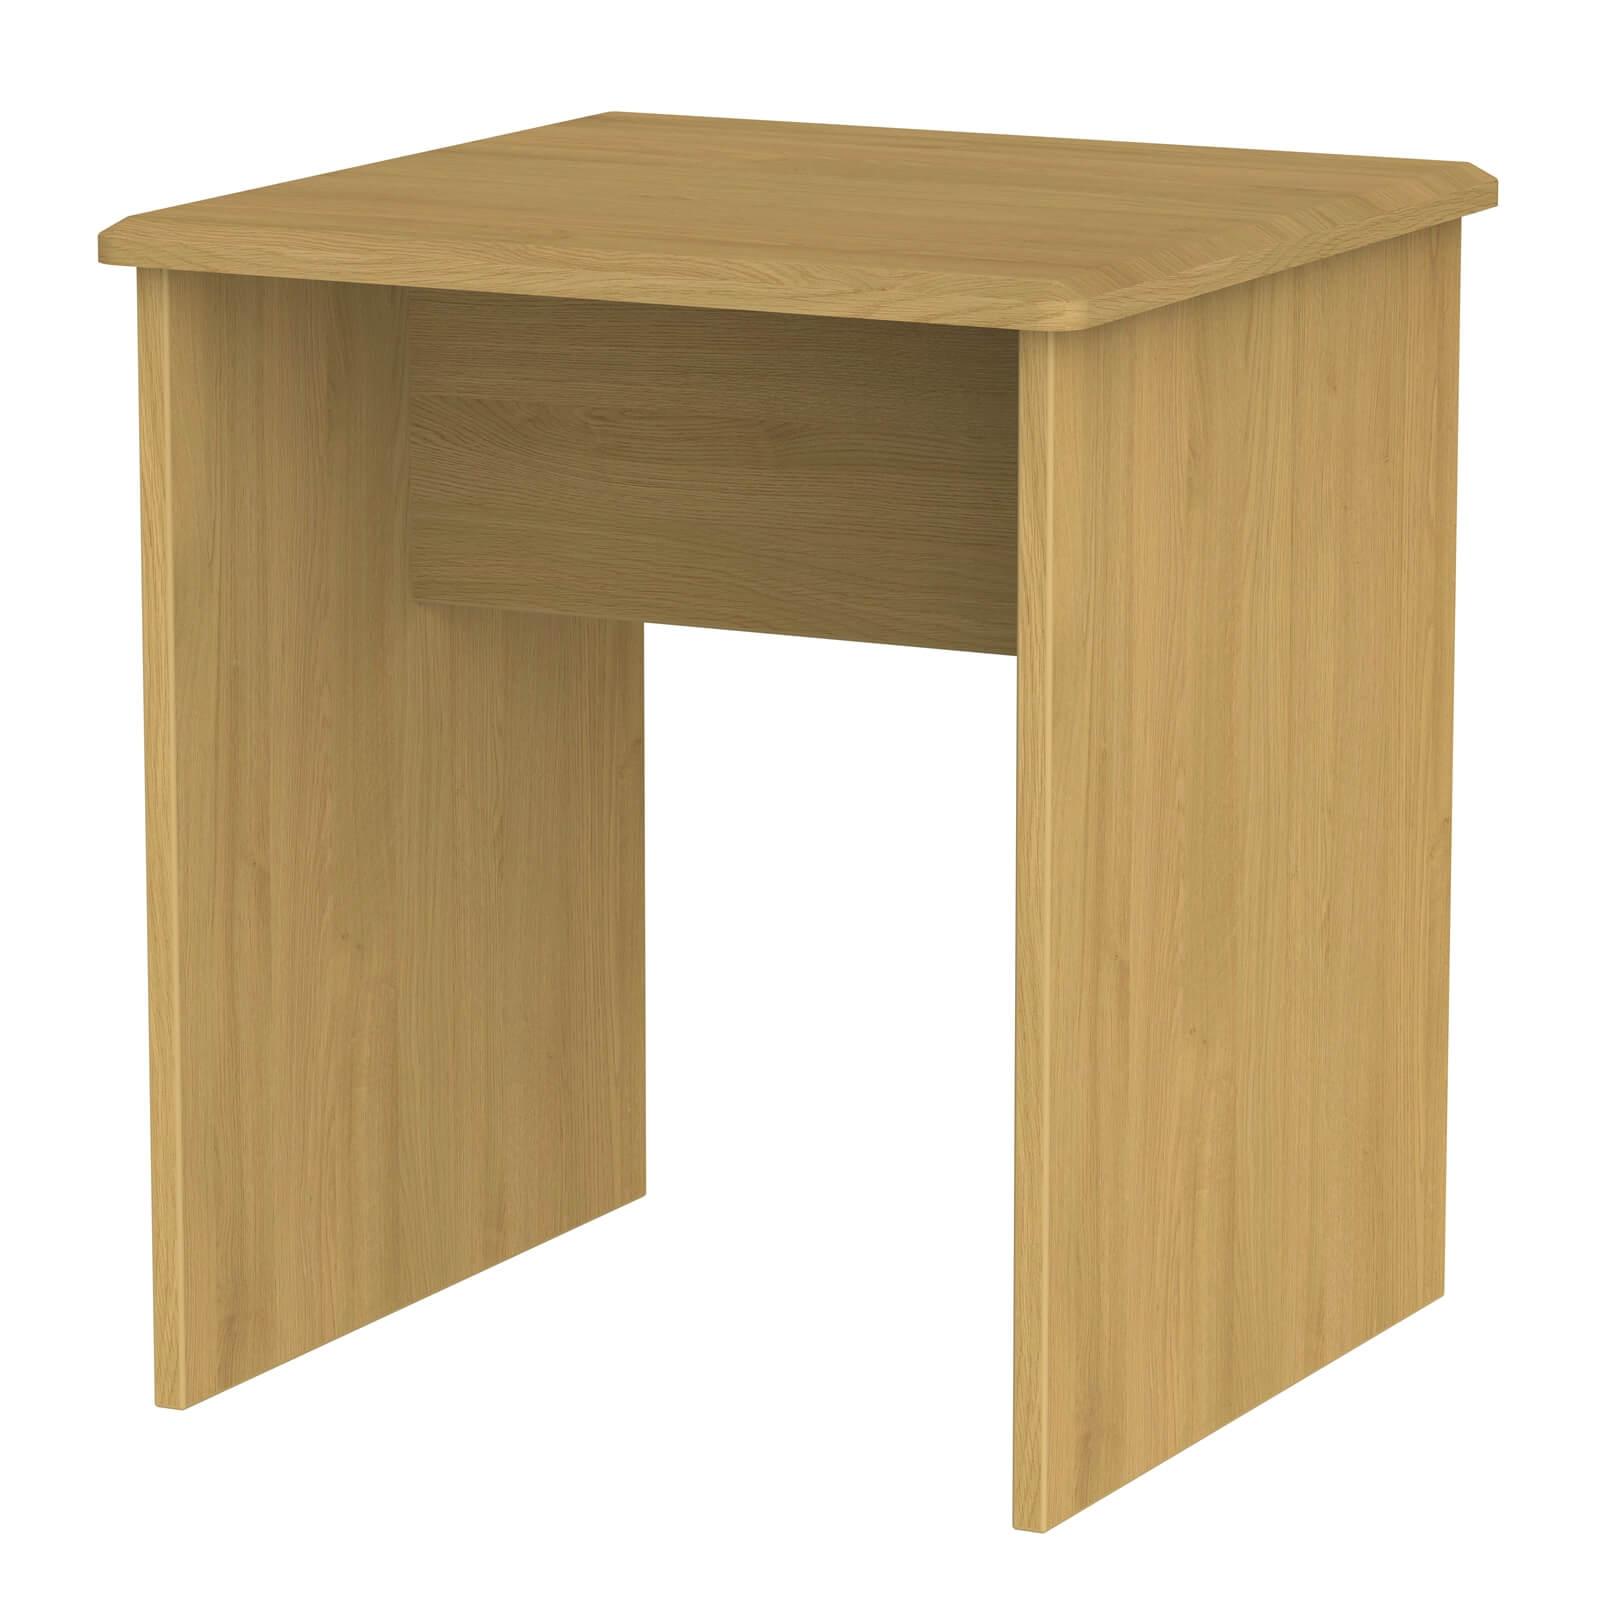 Siena Lamp Table - Modern Oak